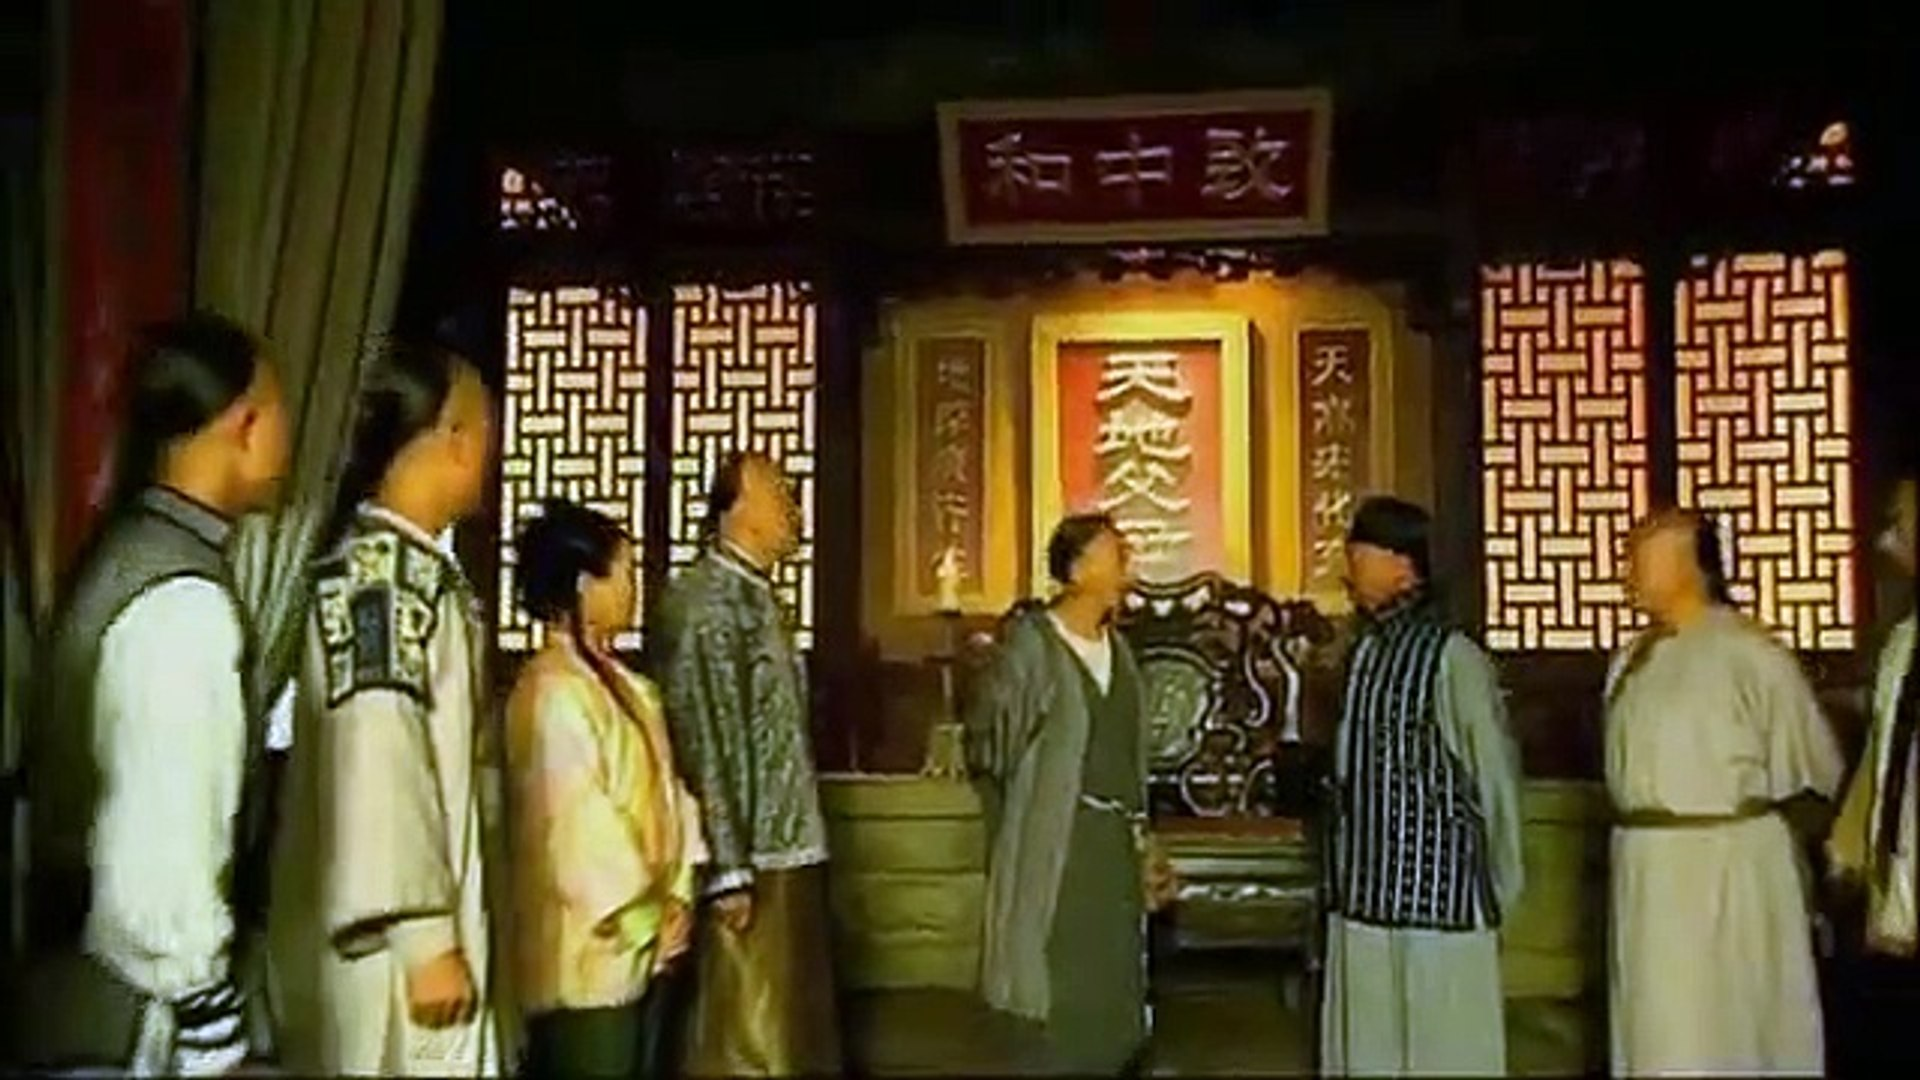 Anh Hùng Phương Thế Ngọc Tập 36 - Tập Cuối - VTV3 Thuyết Minh - Phim Trung Quốc - Phim Anh Hung Phuo